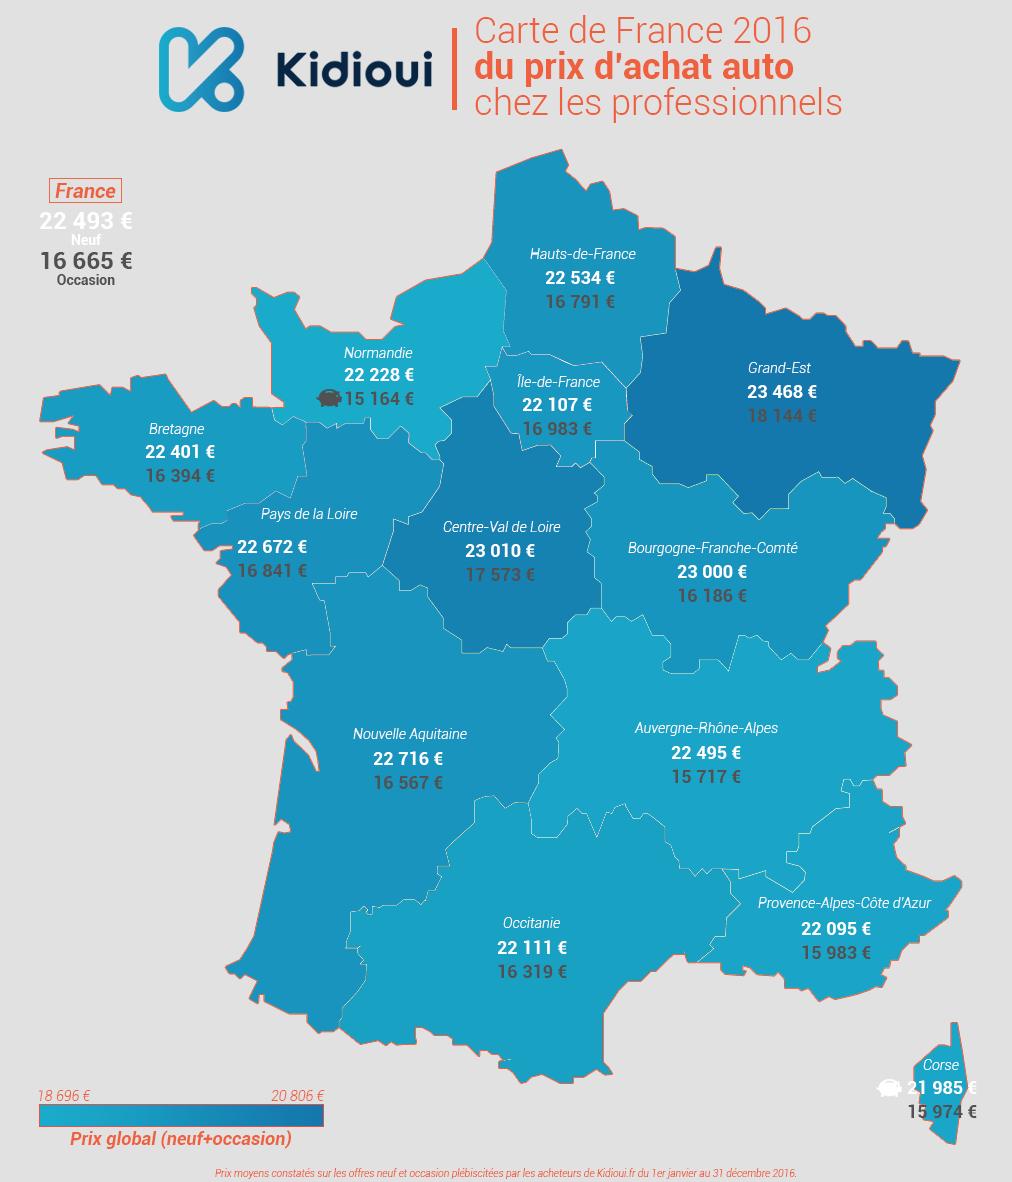 Carte De France 2016 Du Prix D'achat Auto Chez Les encequiconcerne Acheter Carte De France